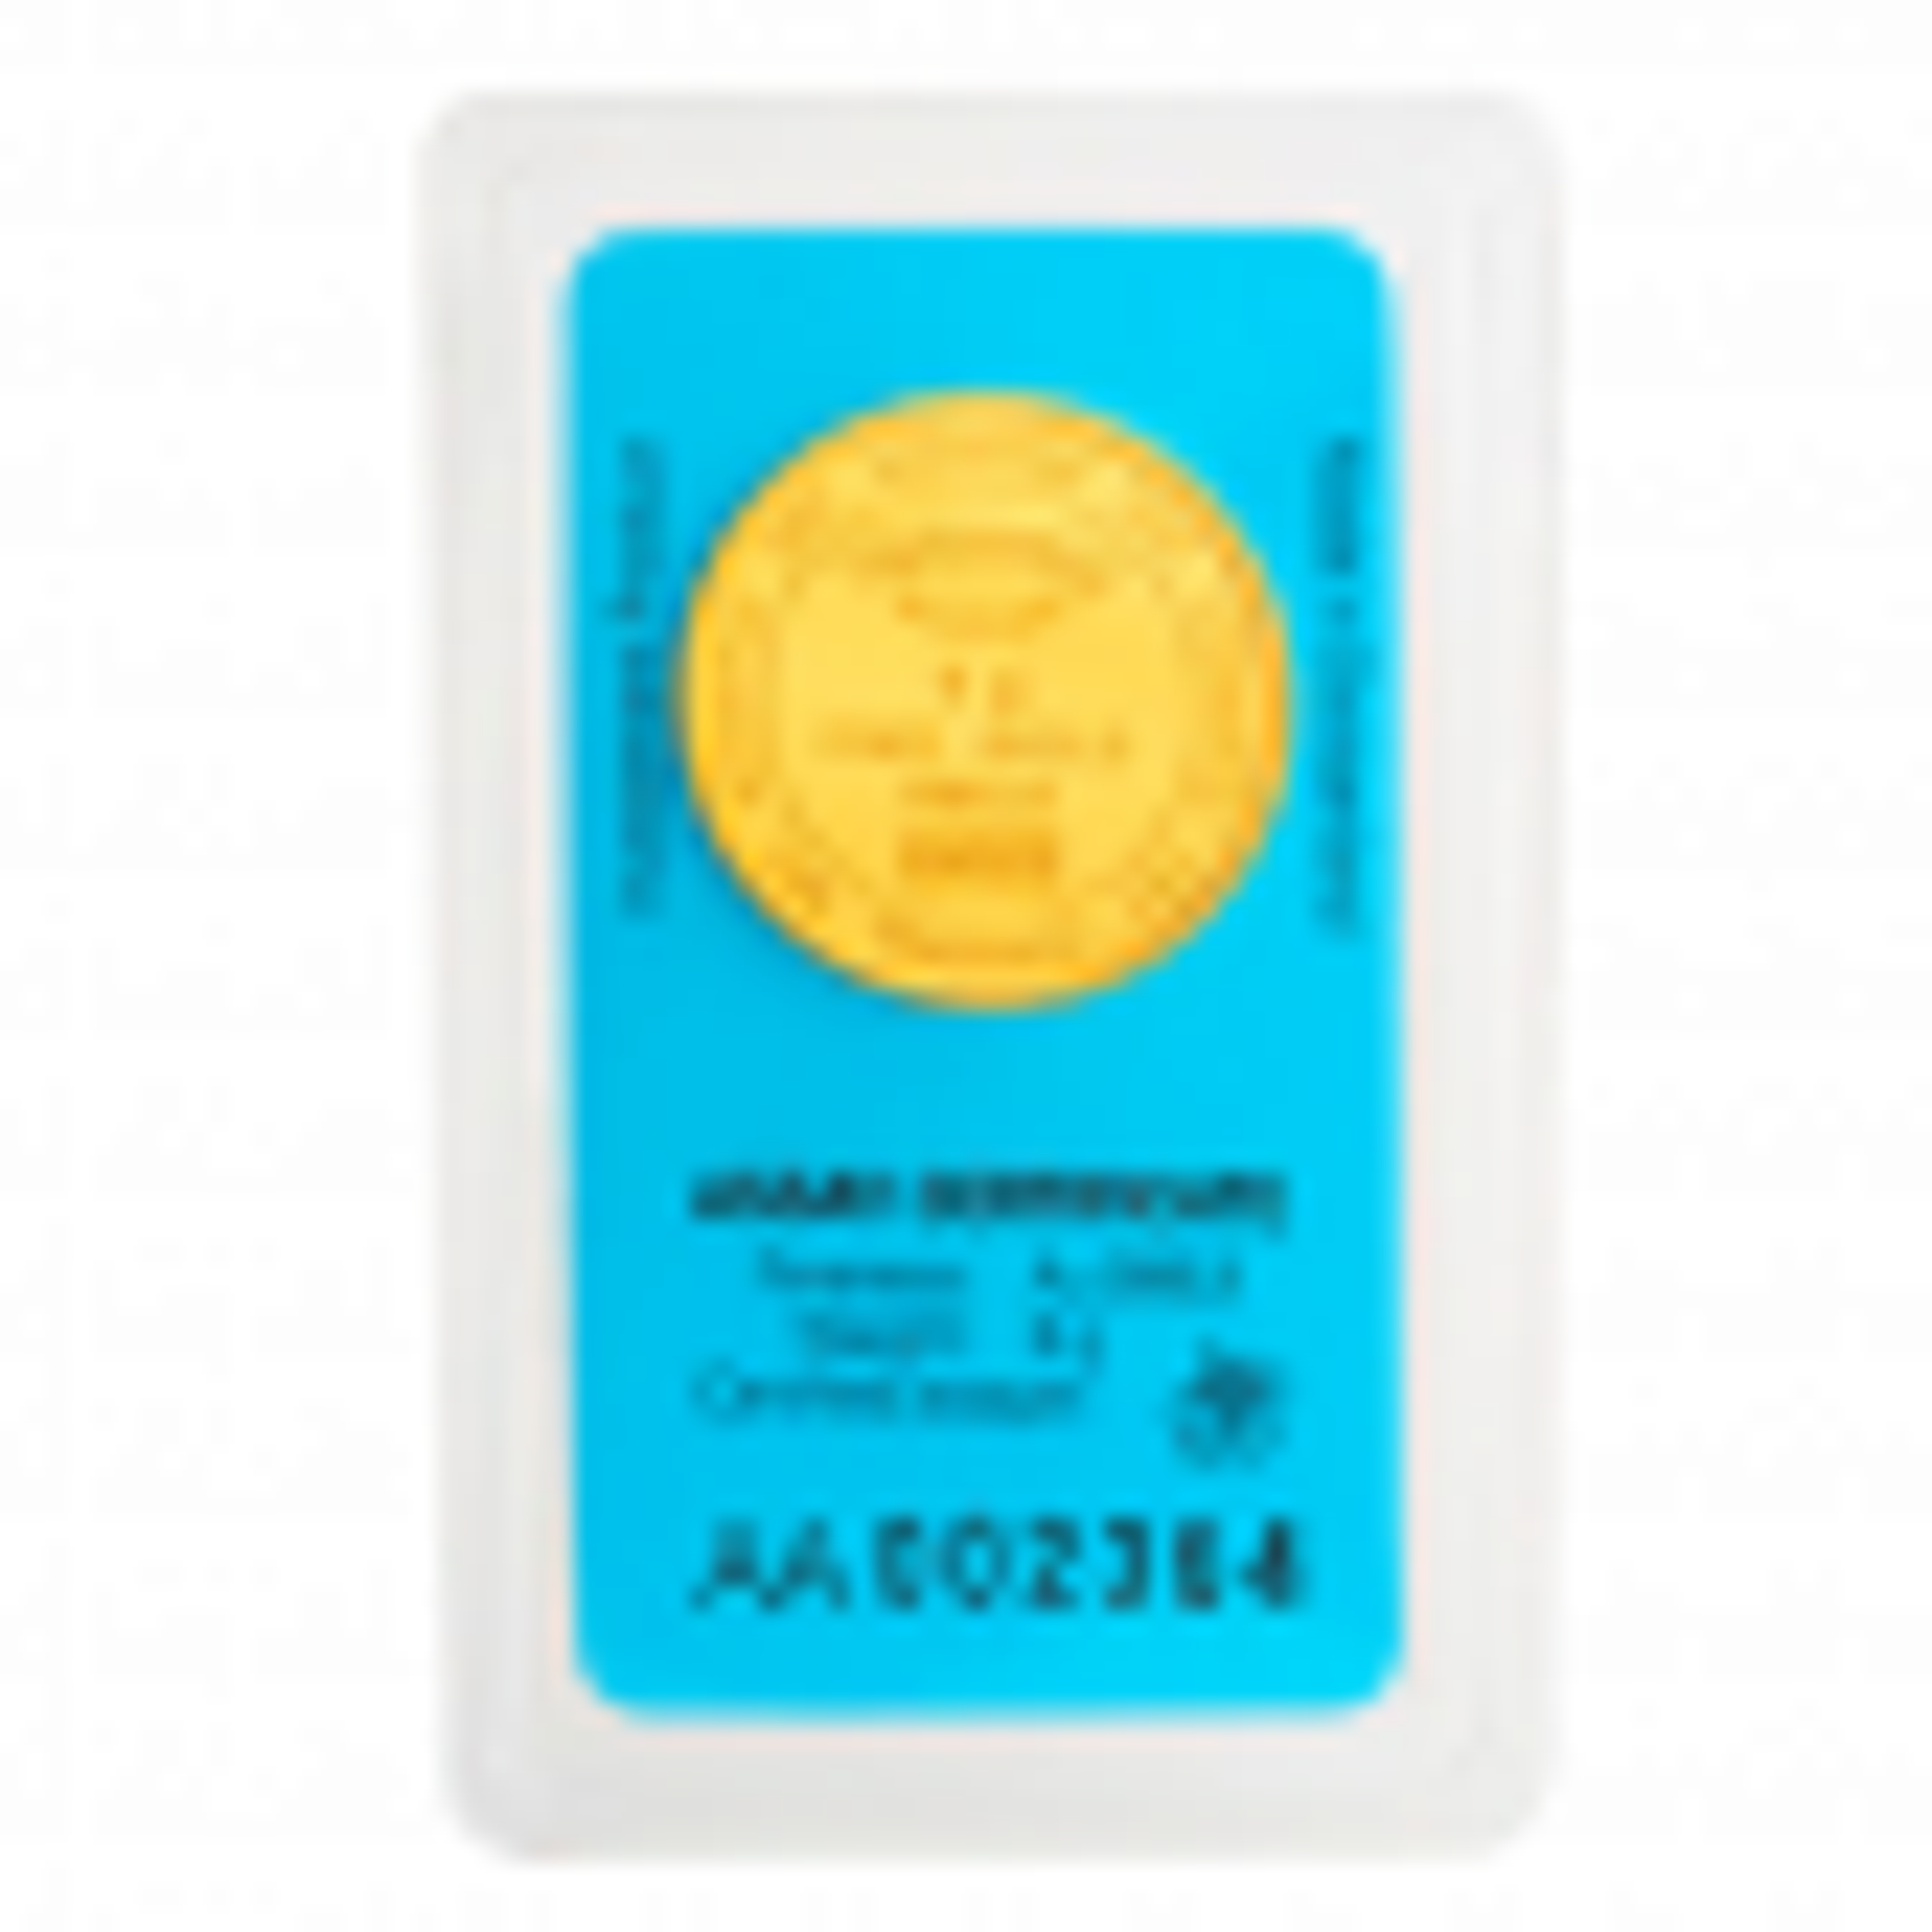 Valcambi gouden munt 8 gram